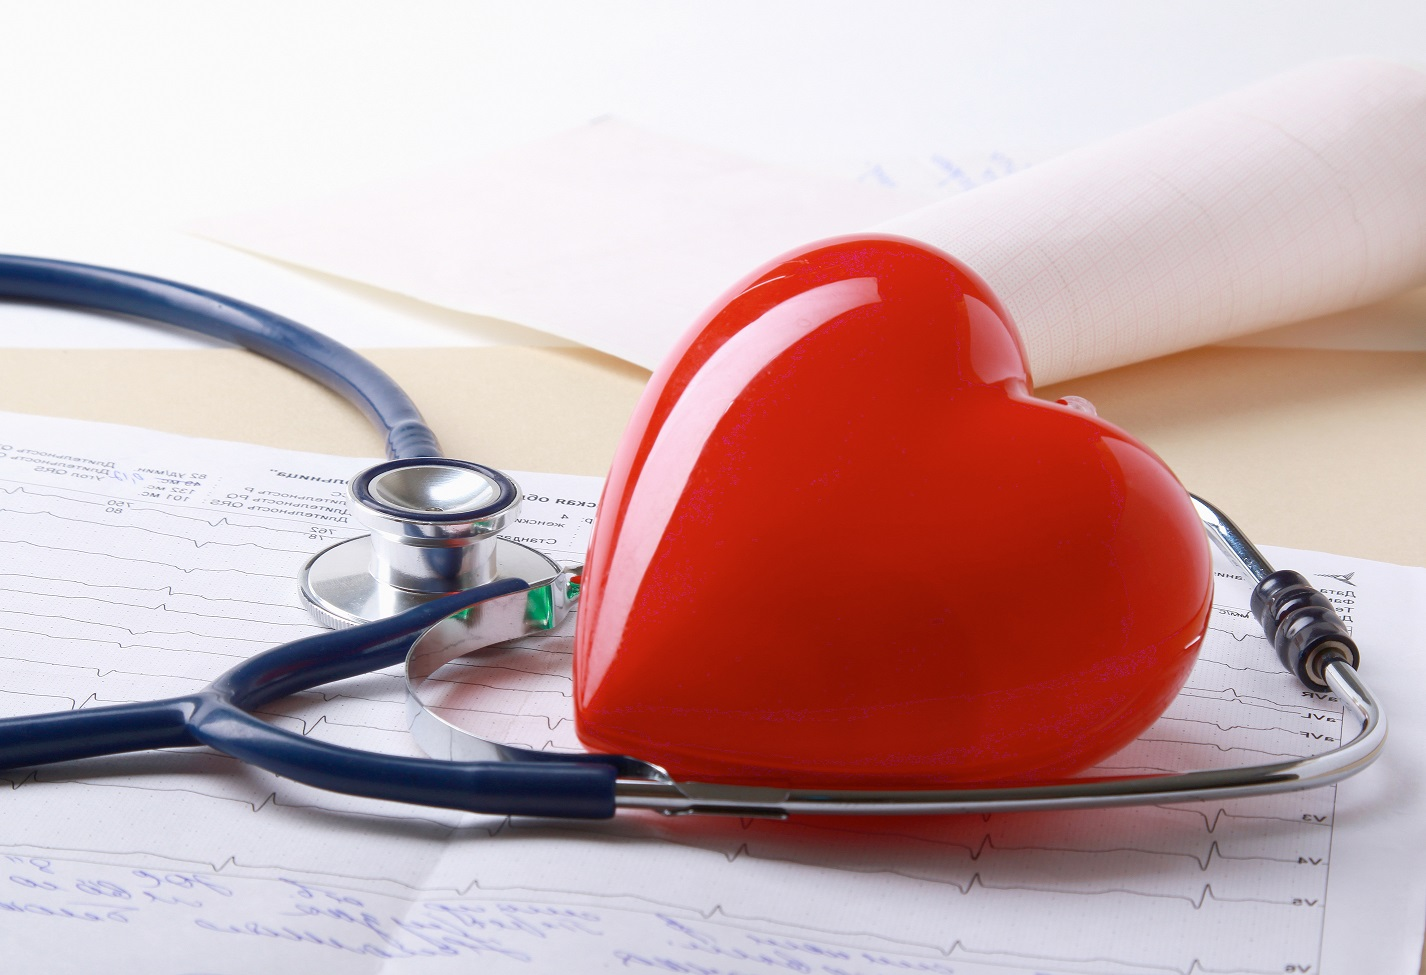 Ile lat ma twoje serce?